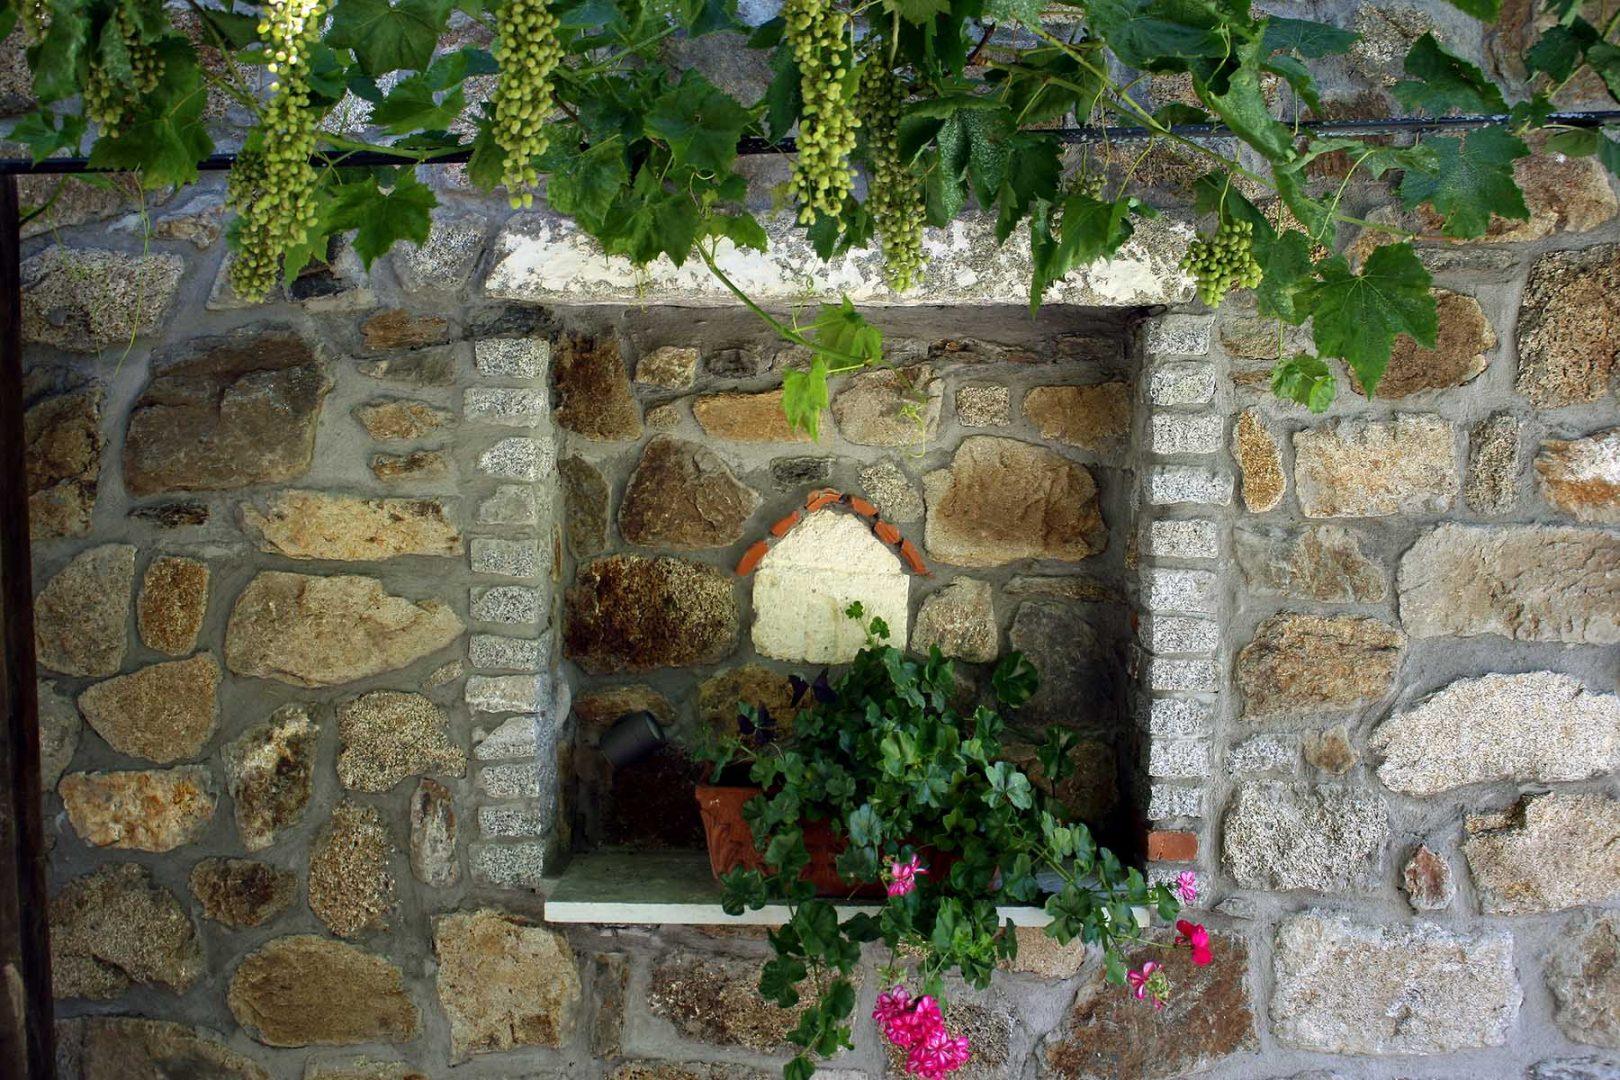 βουρβουρου χαλκιδικη διαμονη - Τα Πέτρινα - Βουρβουρού Χαλκιδική